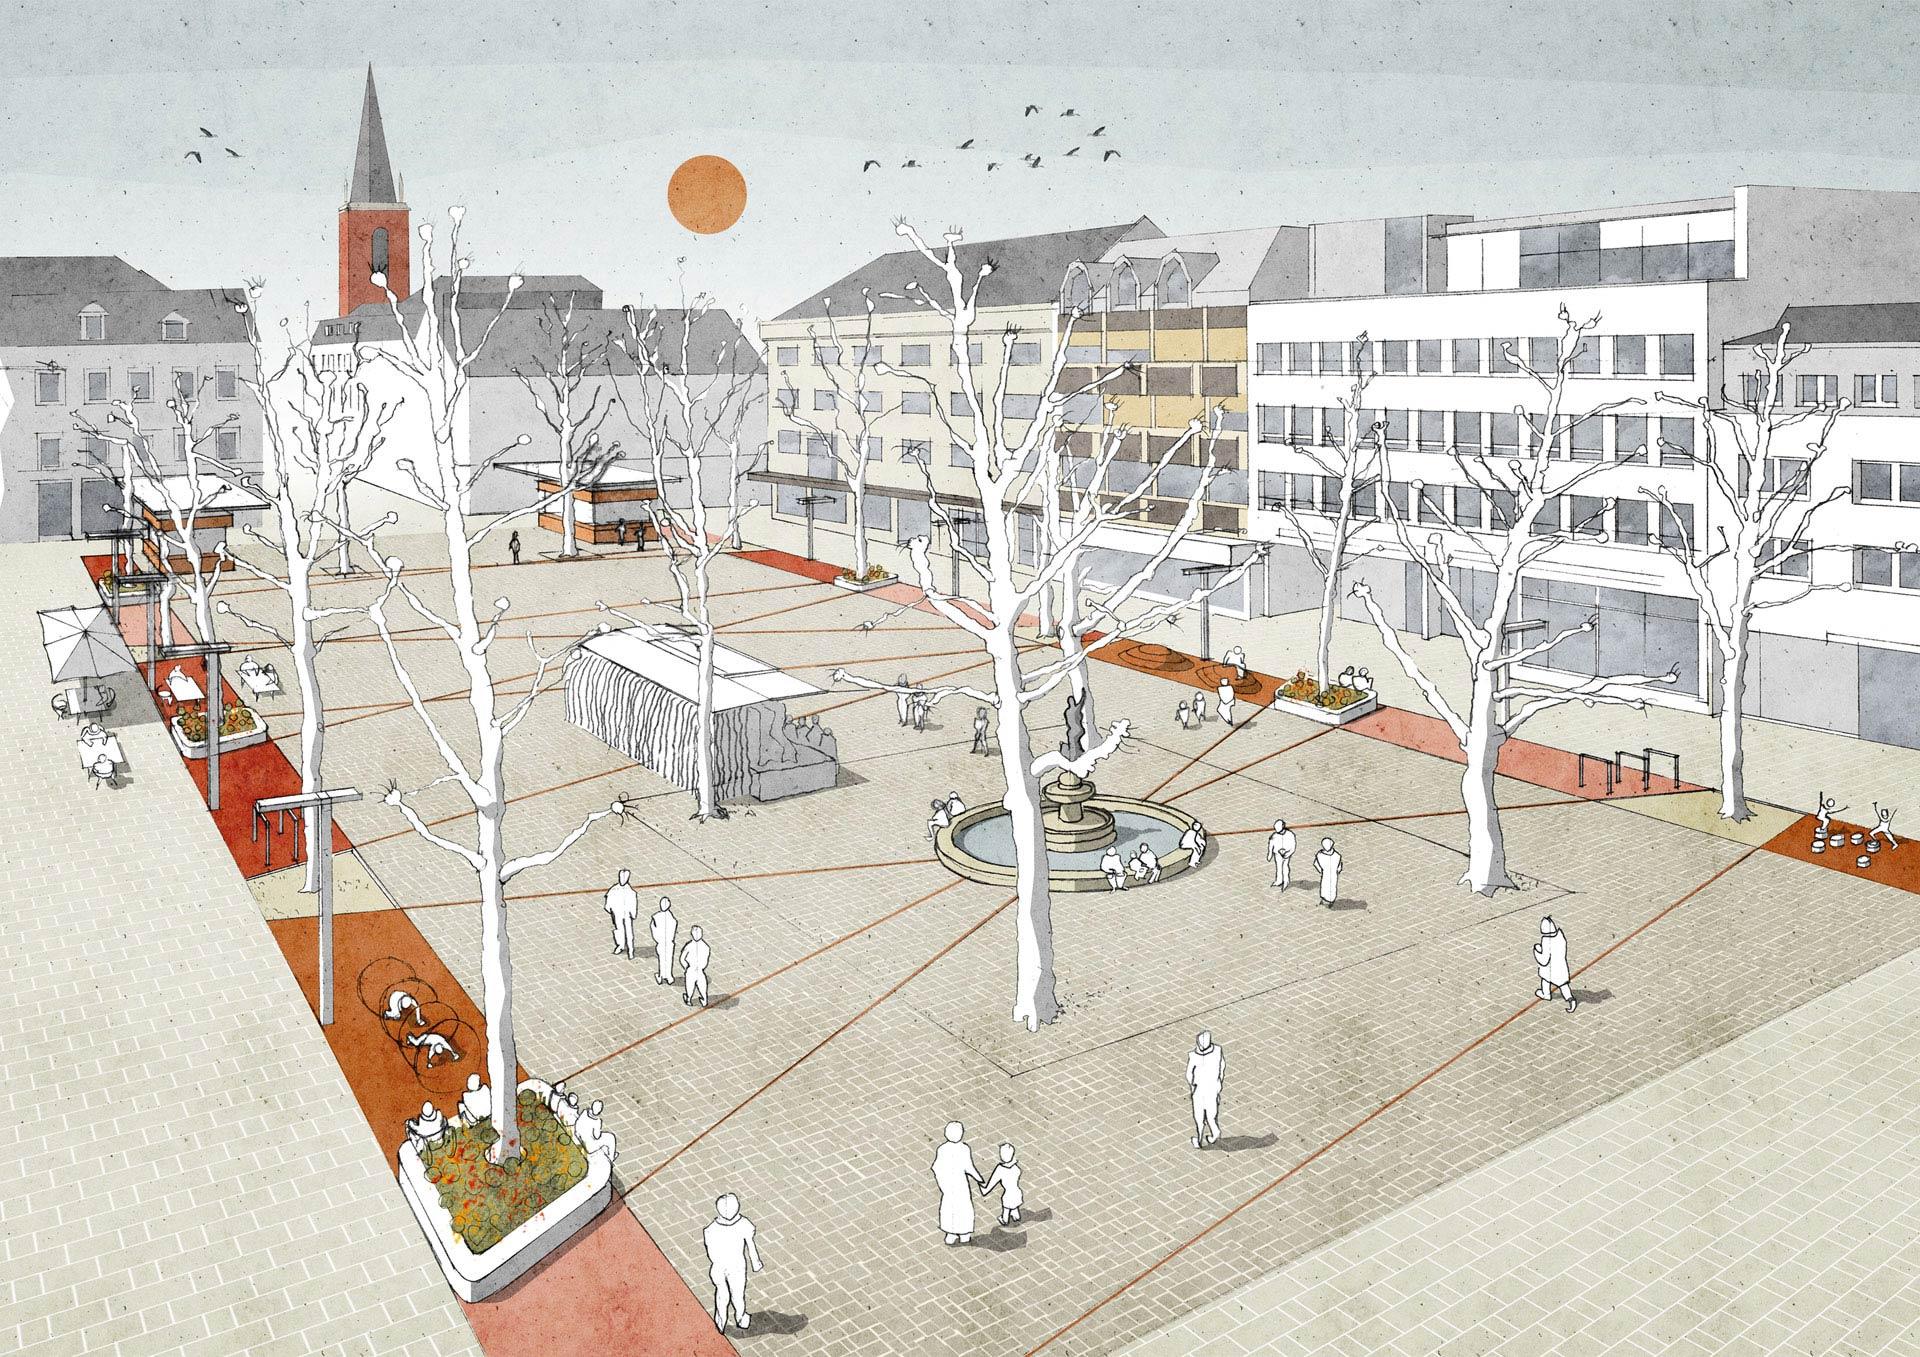 So stellt sich HDK Dutt & Kist den neuen Neumarkt in Limburg vor. Grafik: HDK Dutt & Kist. © Stadt Limburg